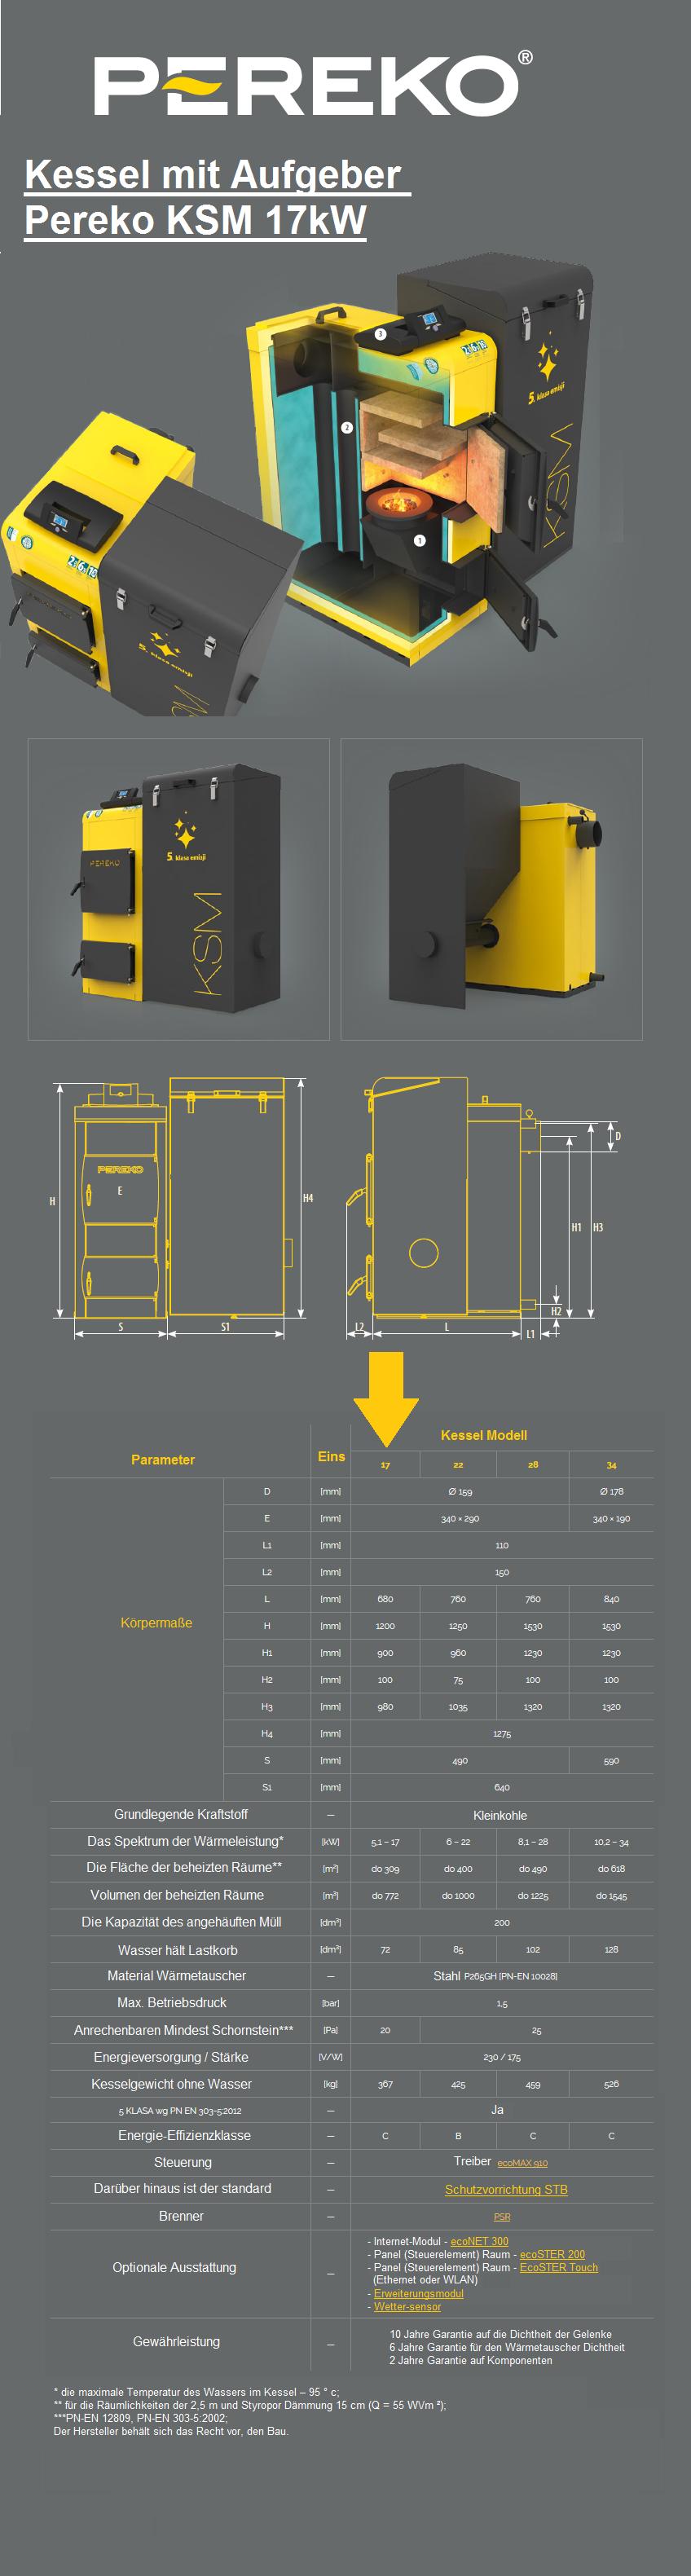 Charmant Komponenten Des Kessels Fotos - Elektrische Schaltplan ...